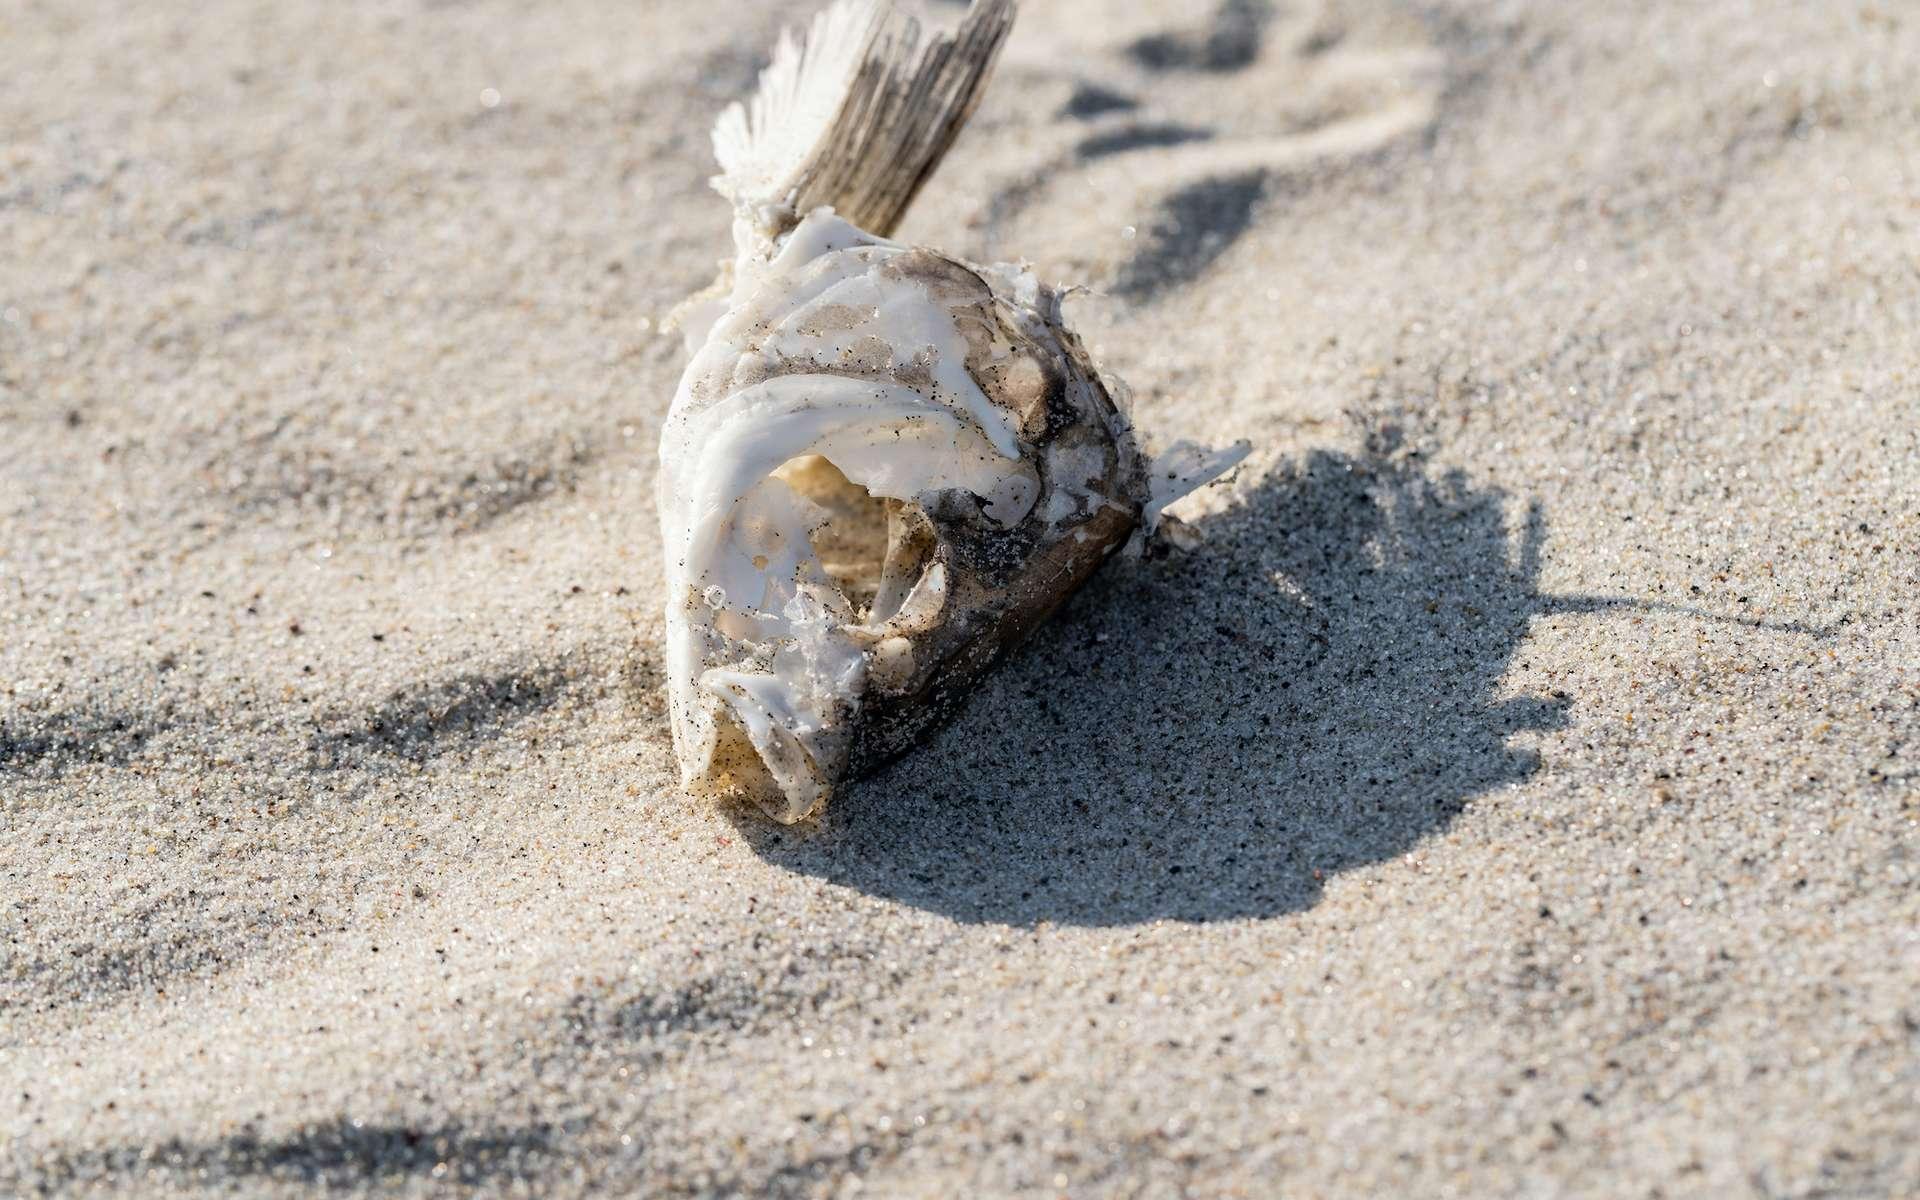 Le poisson était à la base de l'alimentation des habitants de l'Afrique du Nord à l'époque de l'Holocène. © Dmitriy Popov, Adobe Stock